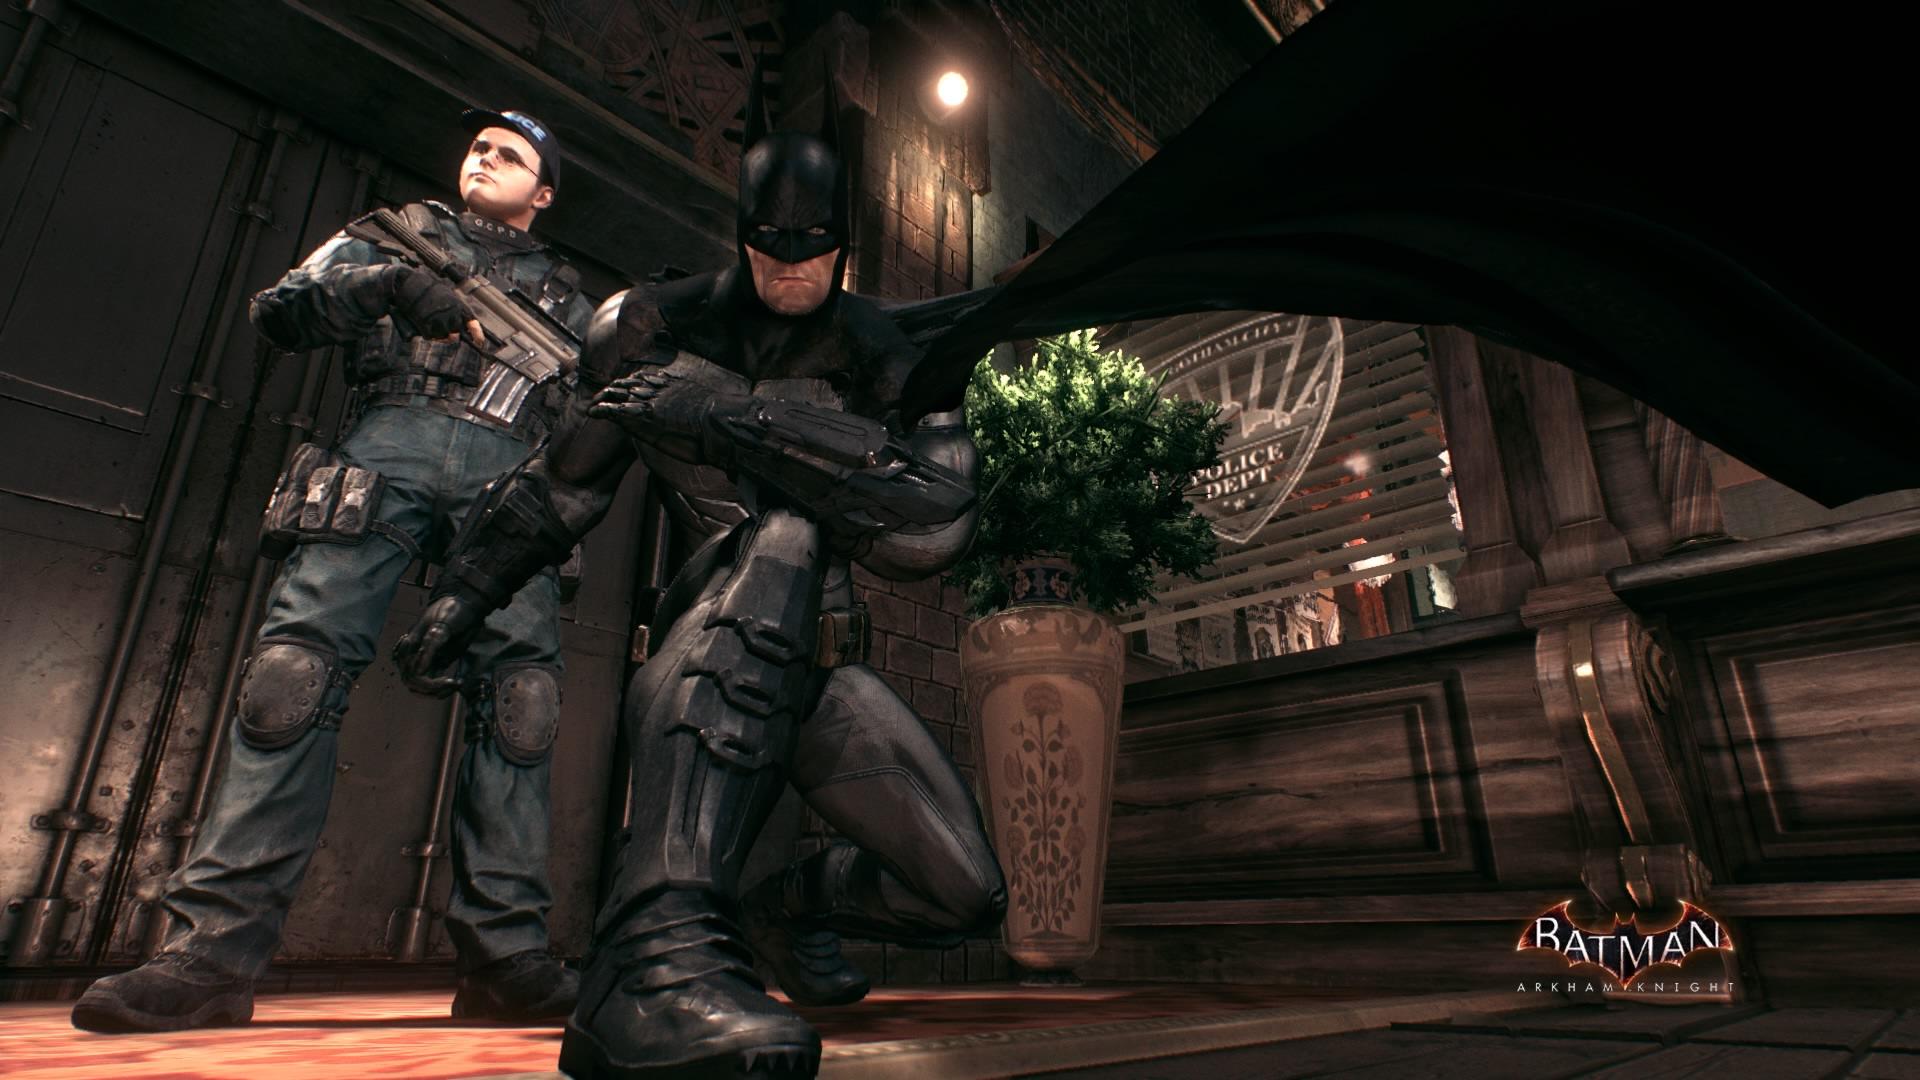 Бэтмен™_ Рыцарь Аркхема_20200204192540.jpg - Batman: Arkham Knight